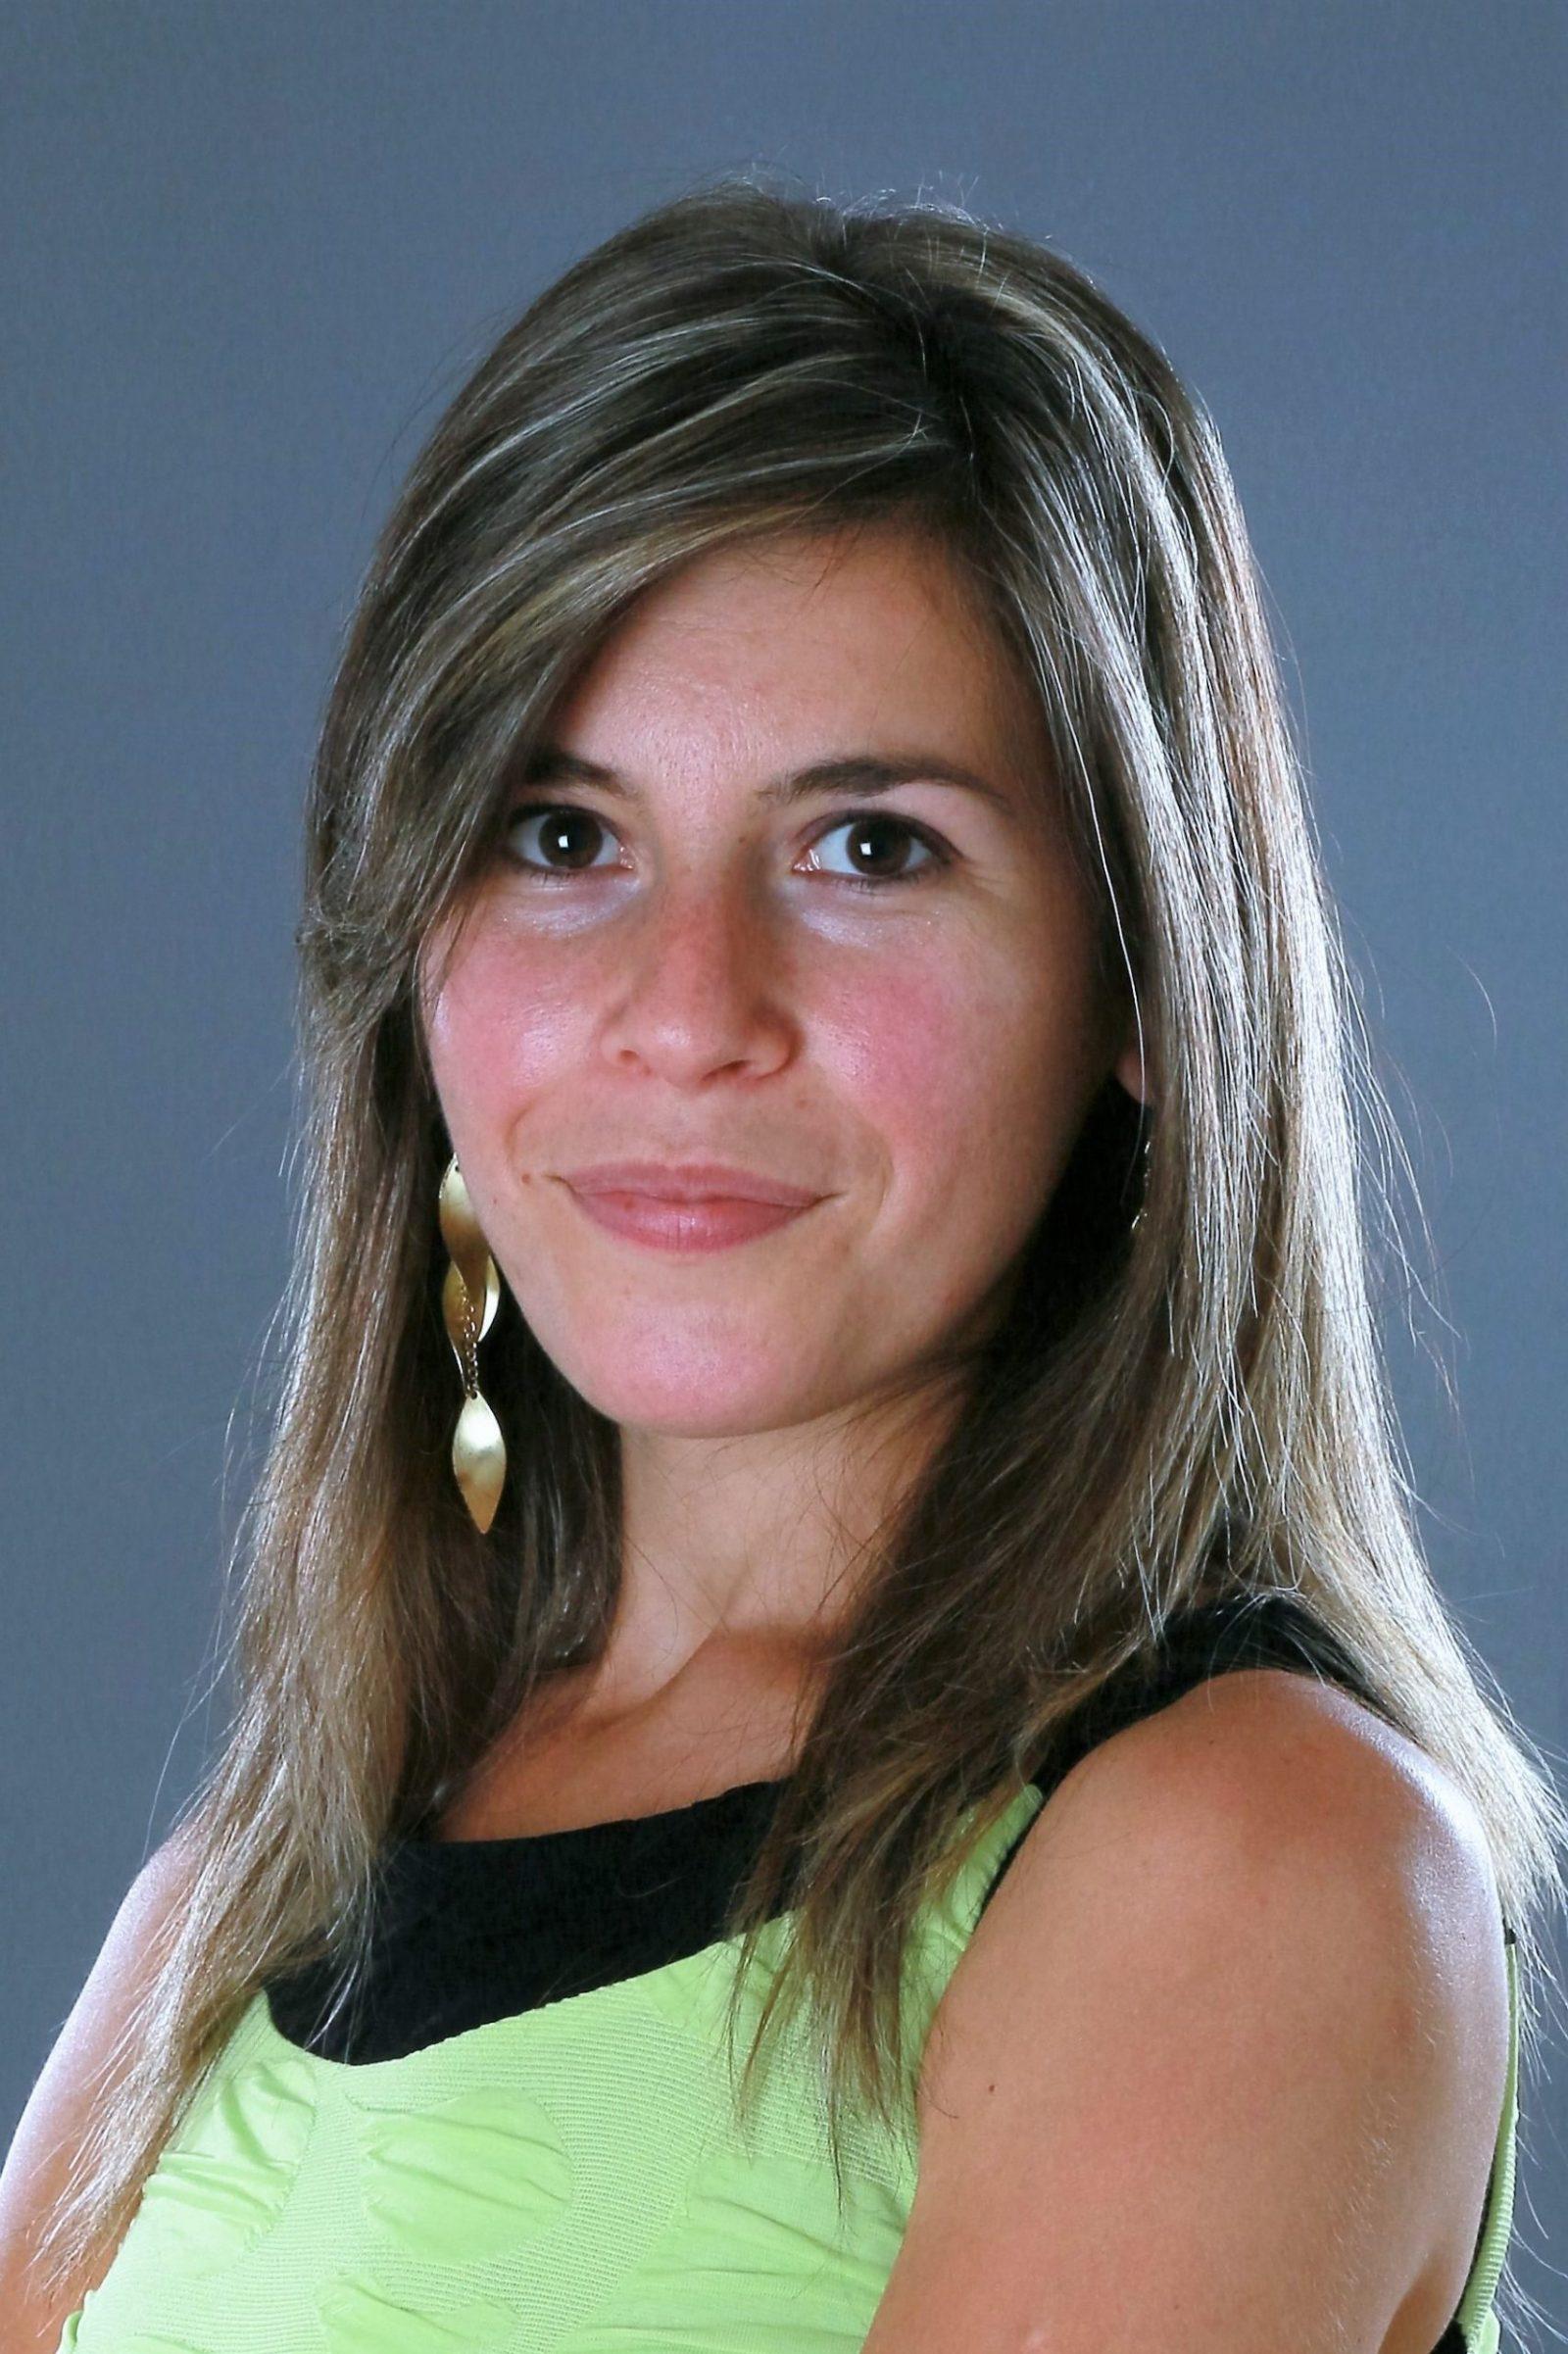 Cristina Onose photo